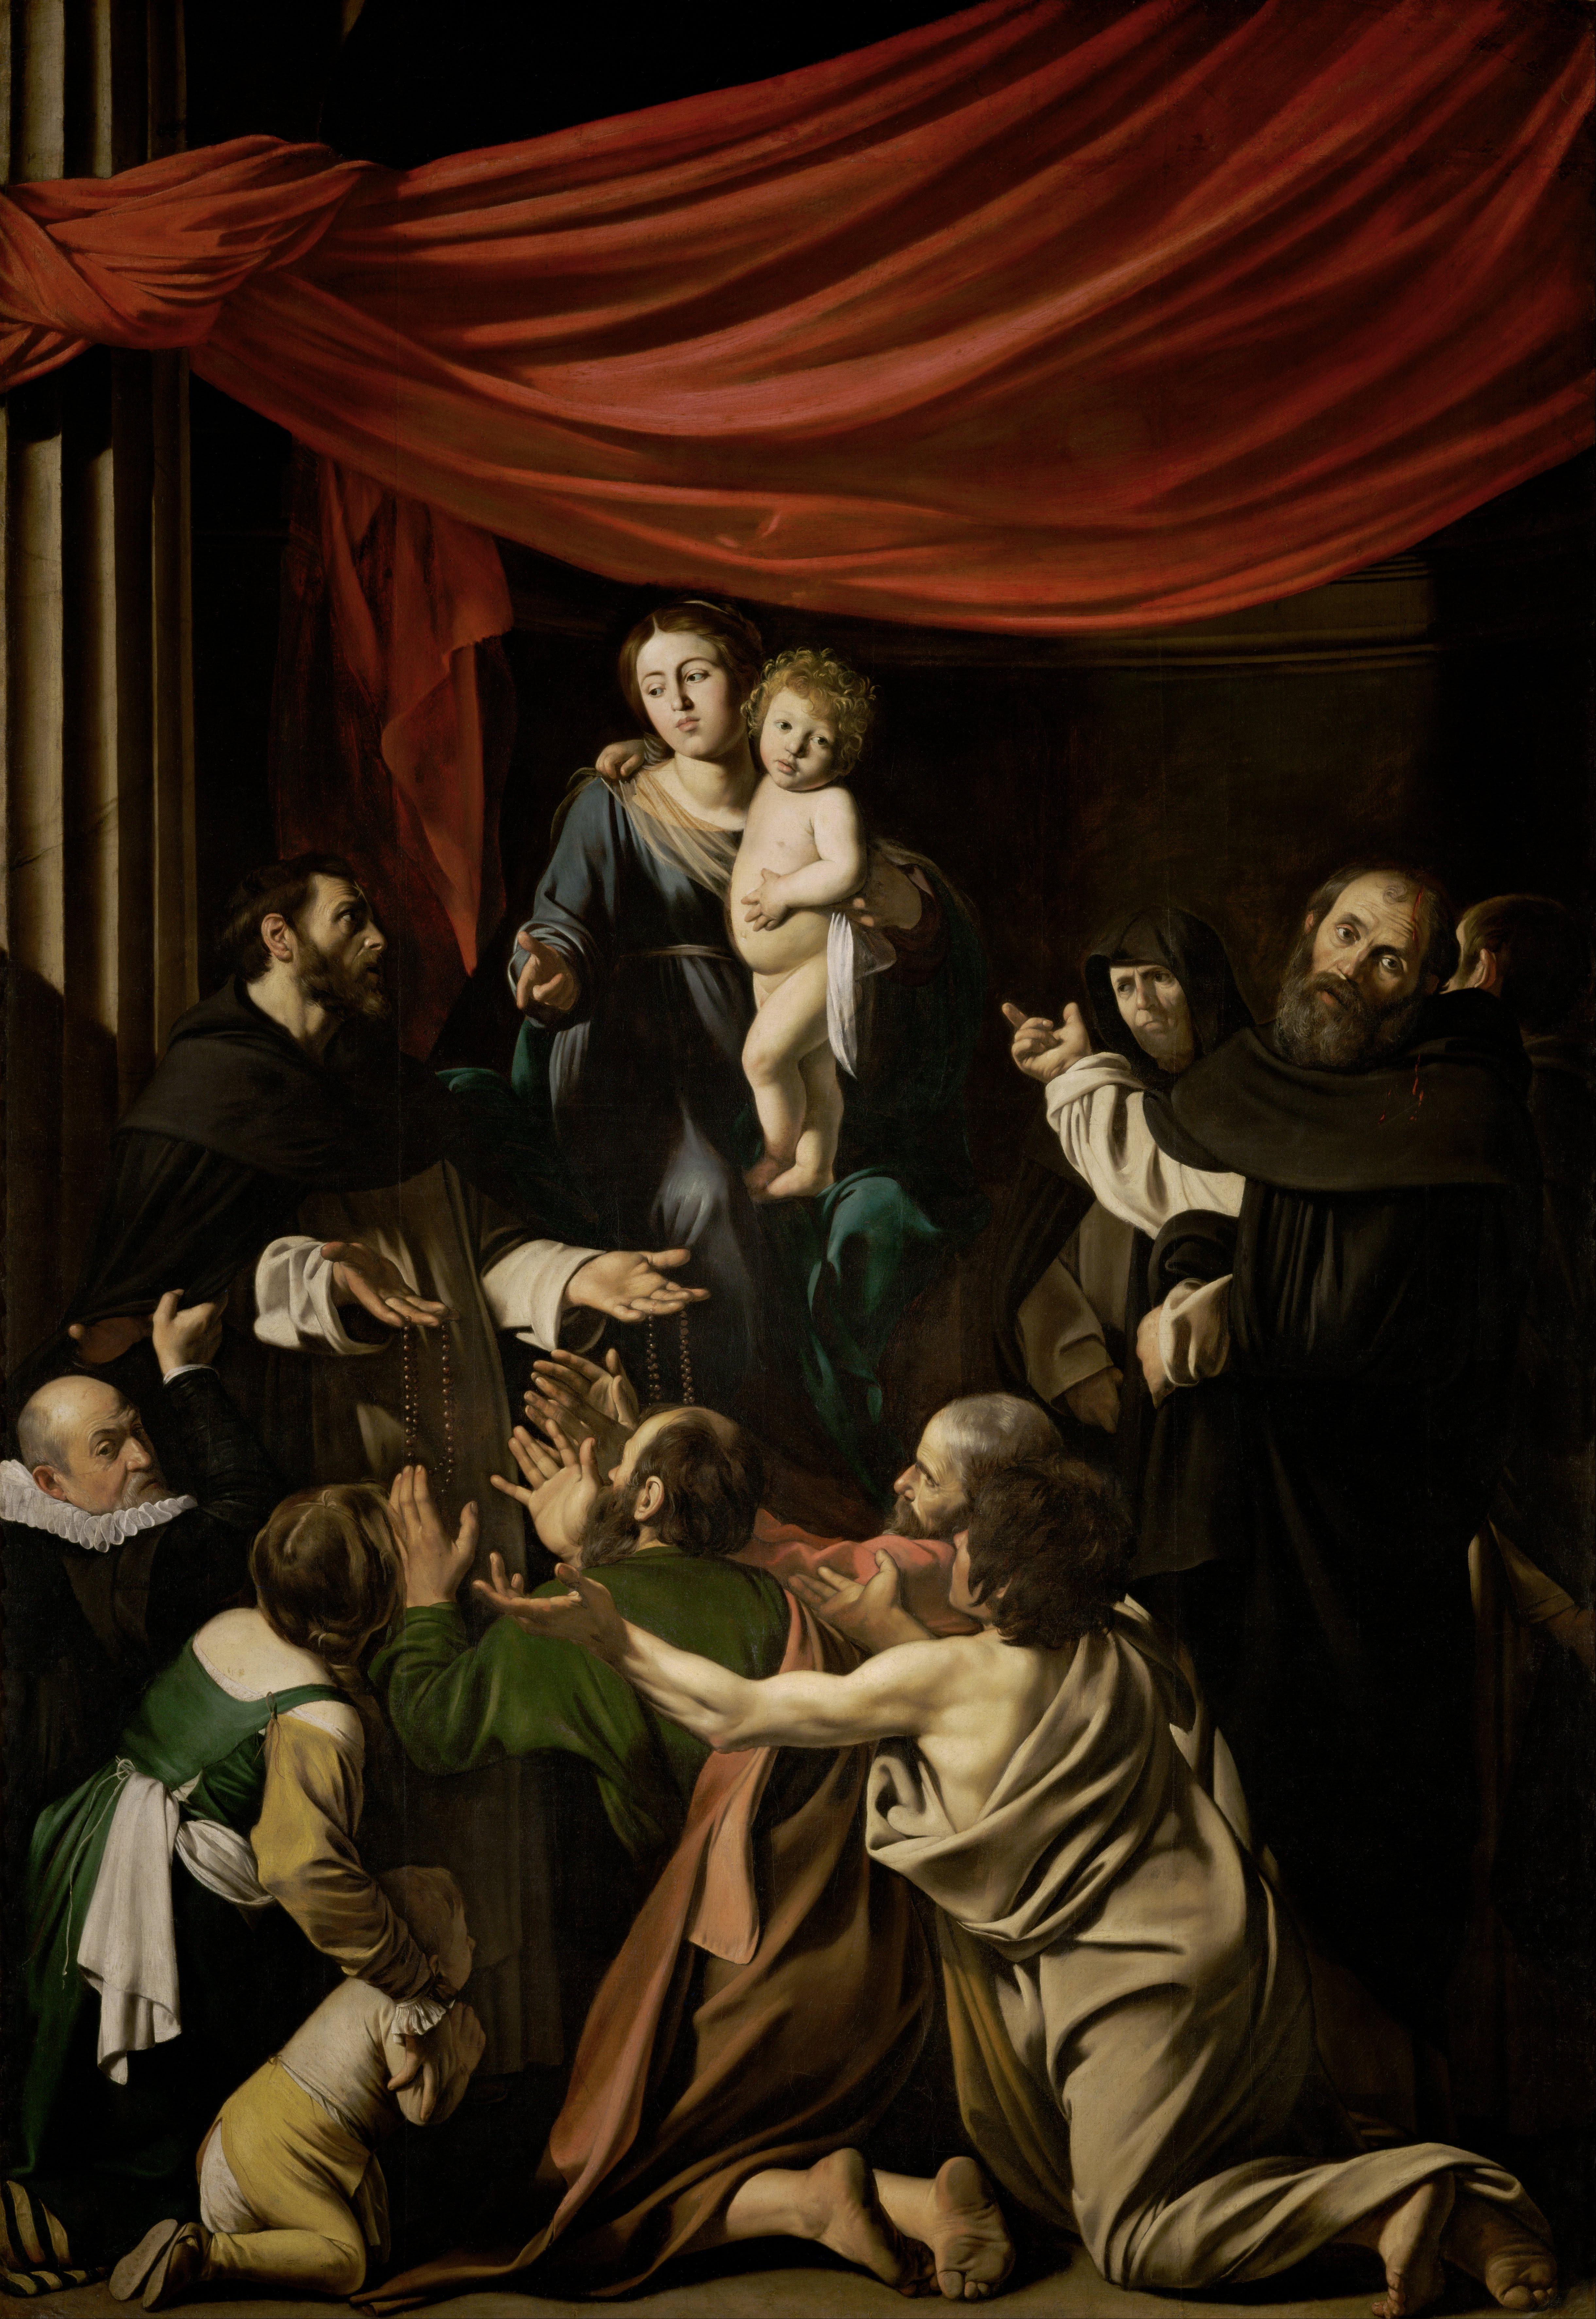 https://www.12apostelen.nl/wp-content/uploads/2017/12/Rozenkrans-kardinaal-de-Jong.jpg